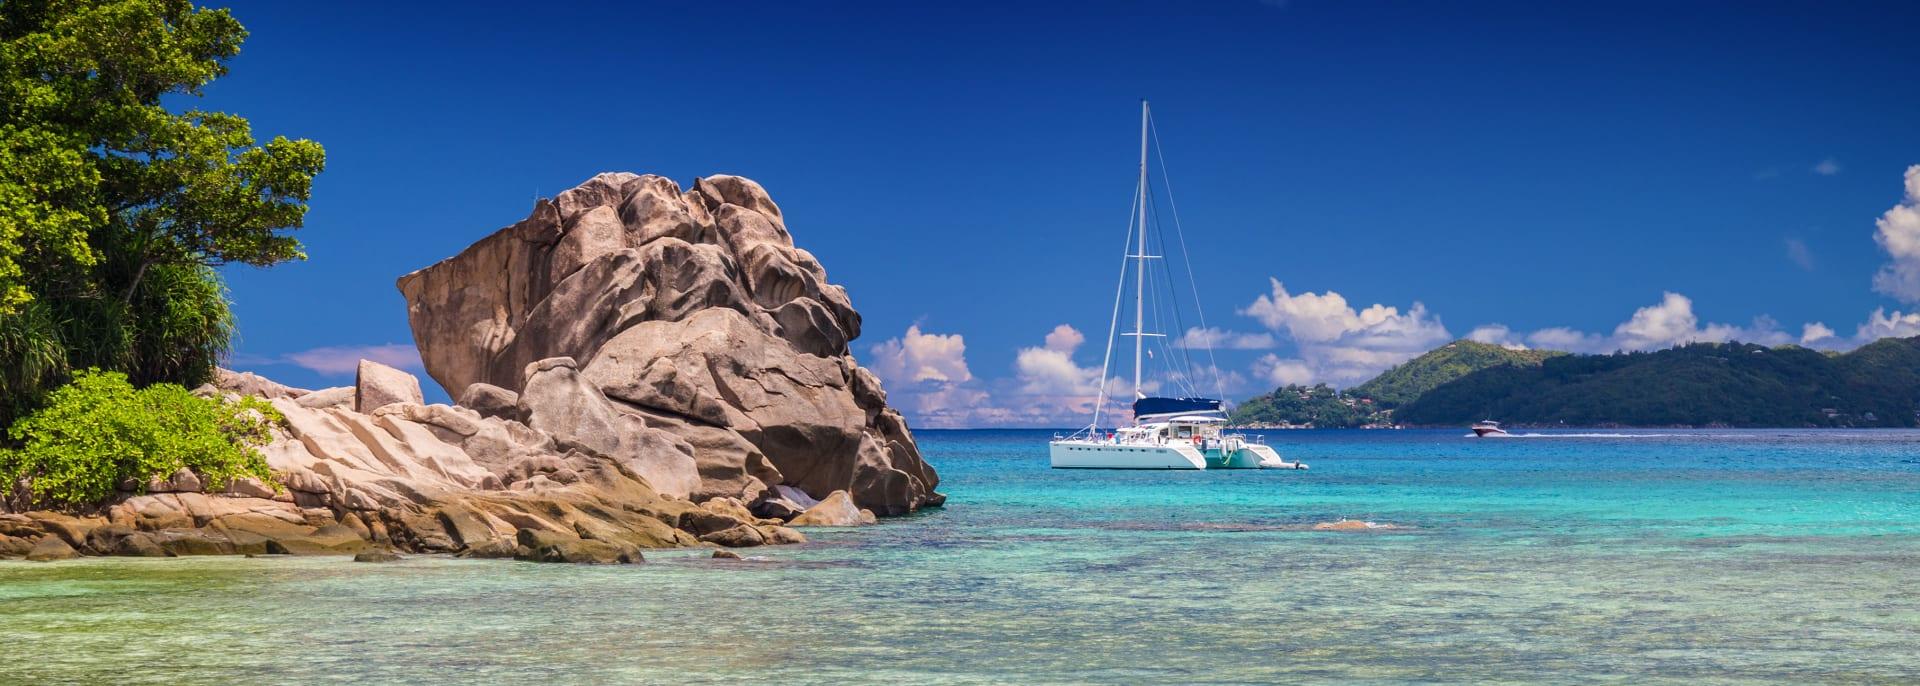 Schiffsreisen, Mauritius